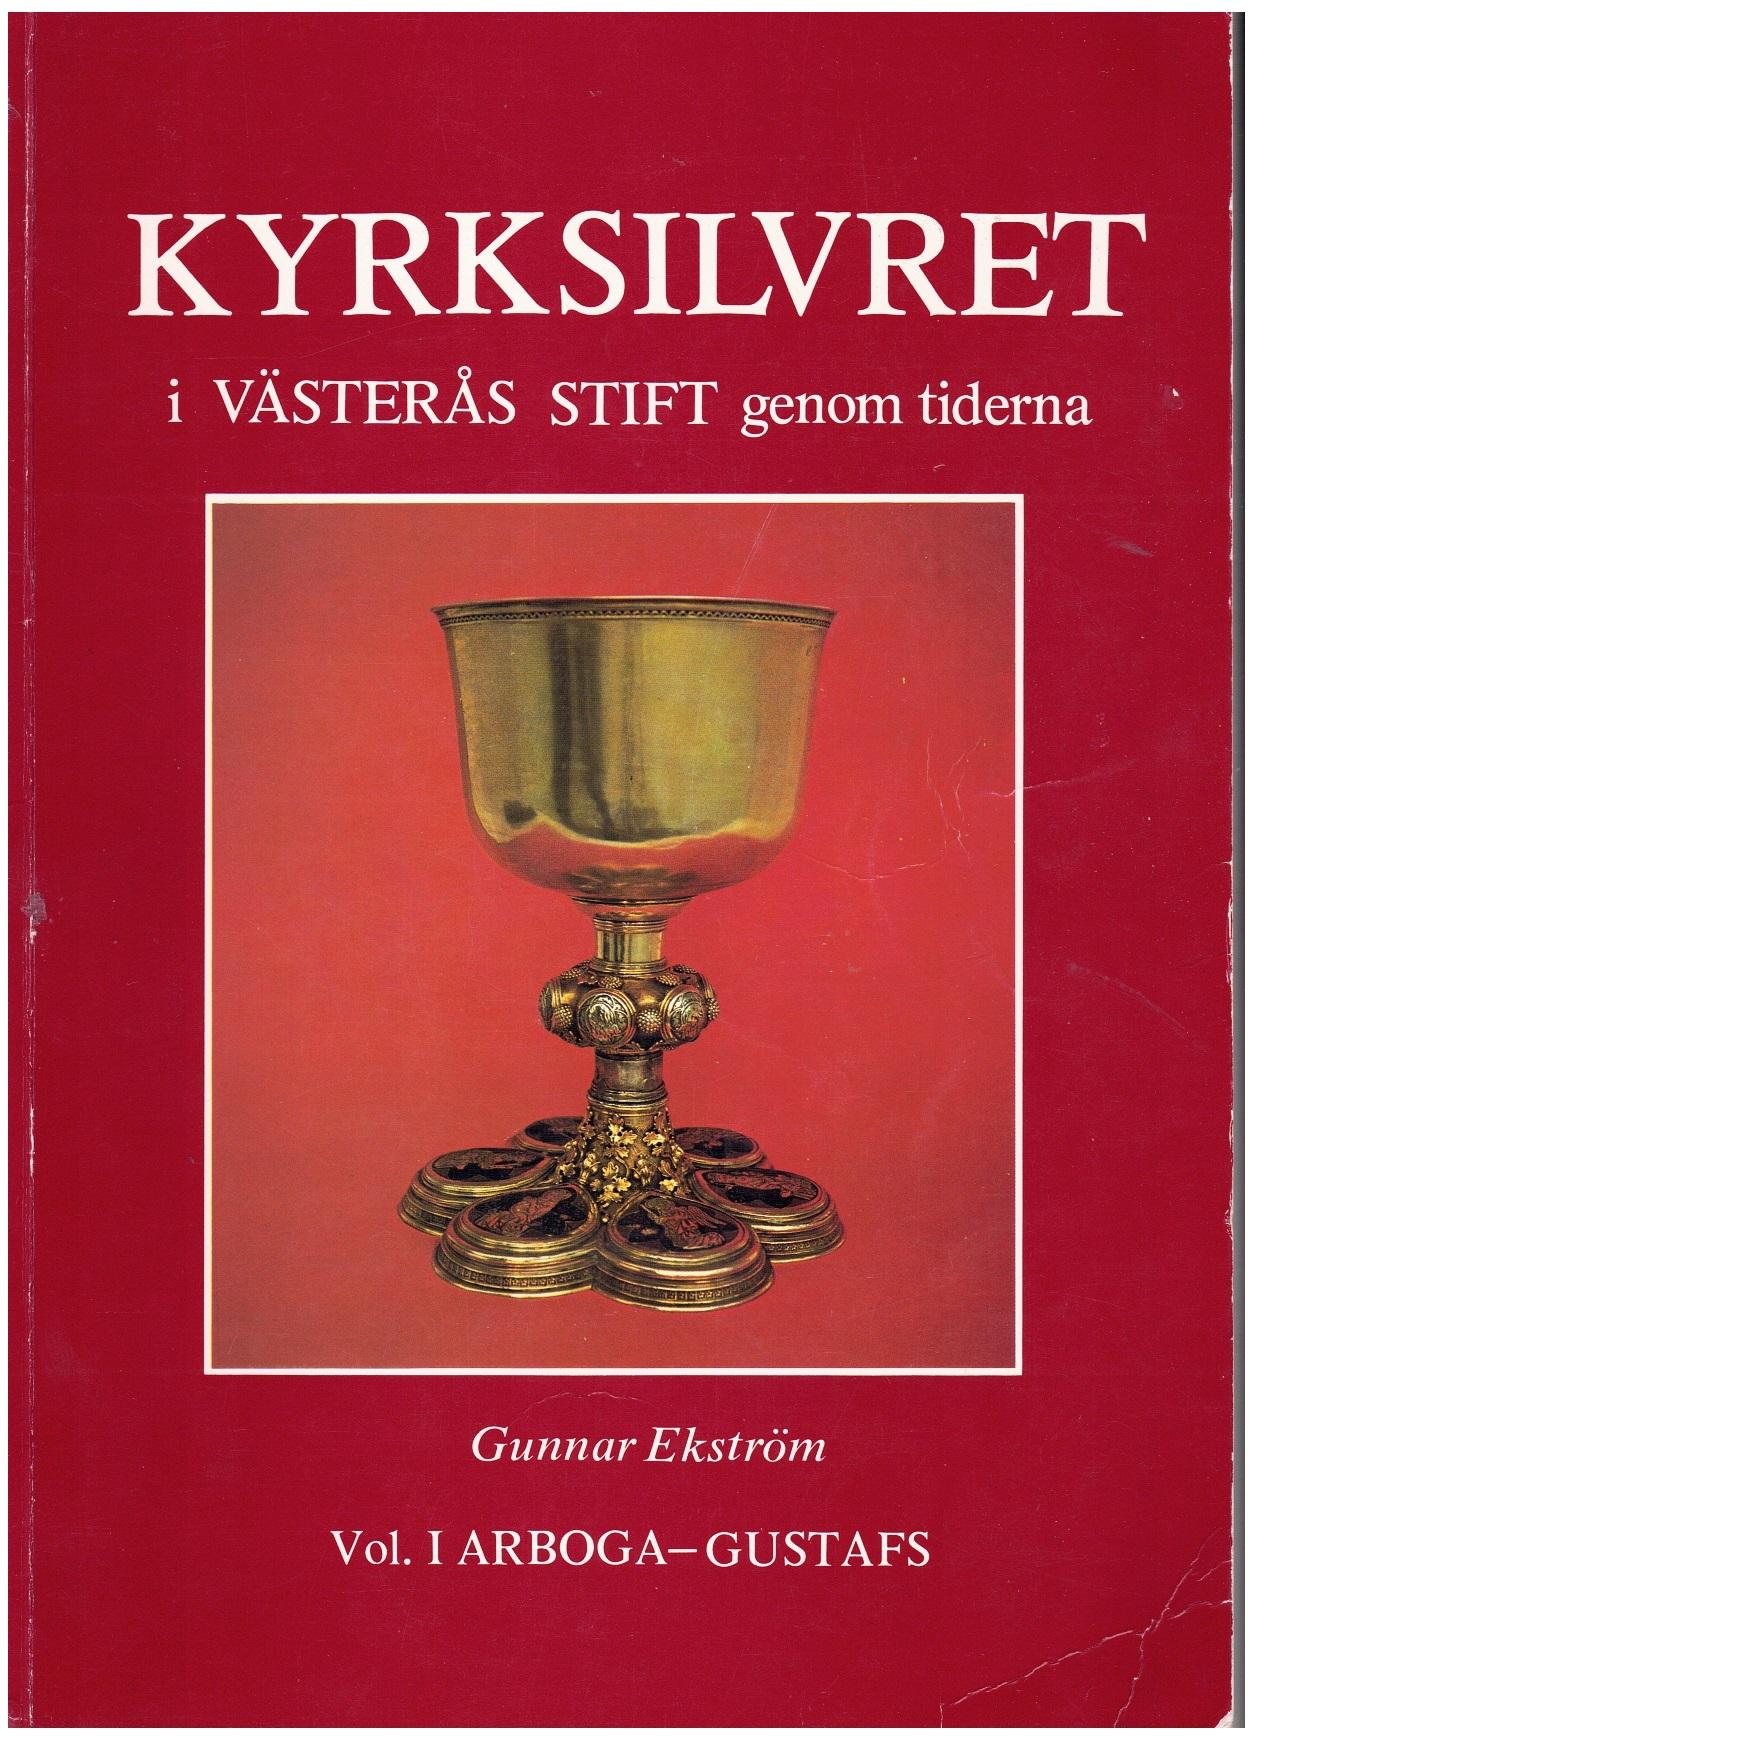 Kyrksilvret i Västerås stift genom tiderna Vol. 1 Arboga - Gustafs - Ekström, Gunnar